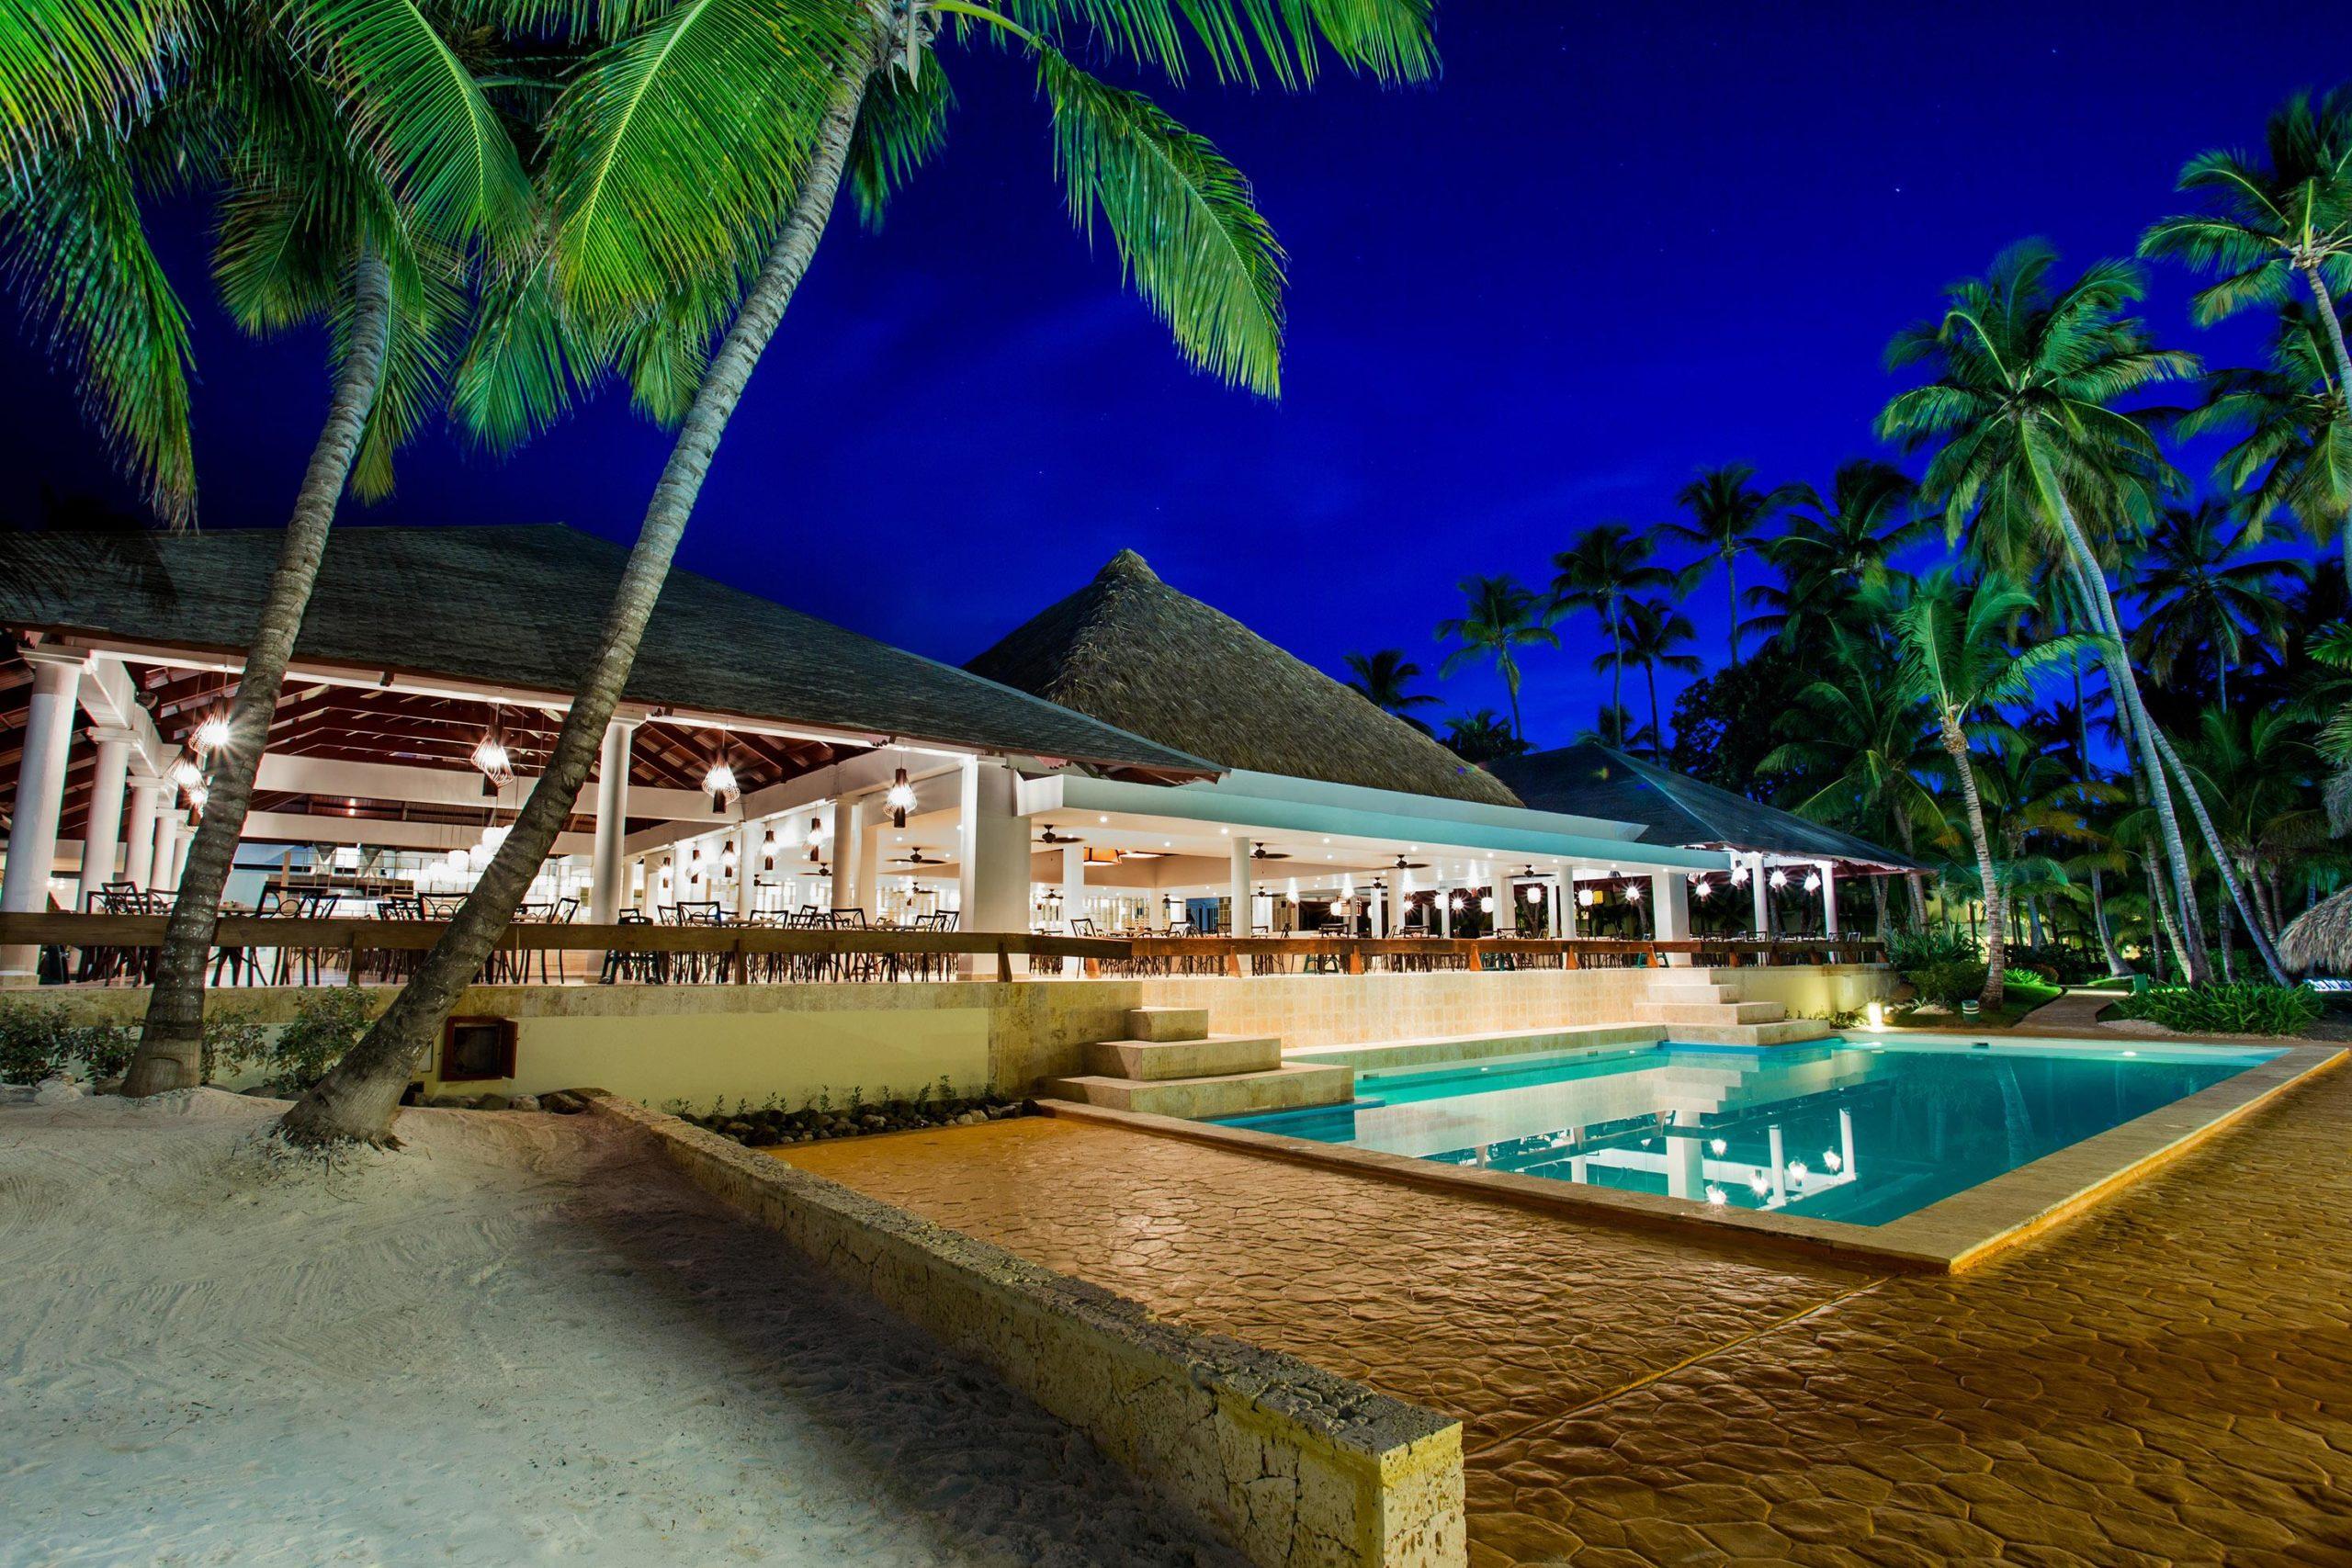 На фото гостиница Мелия Карибы Тропикал в Доминикане